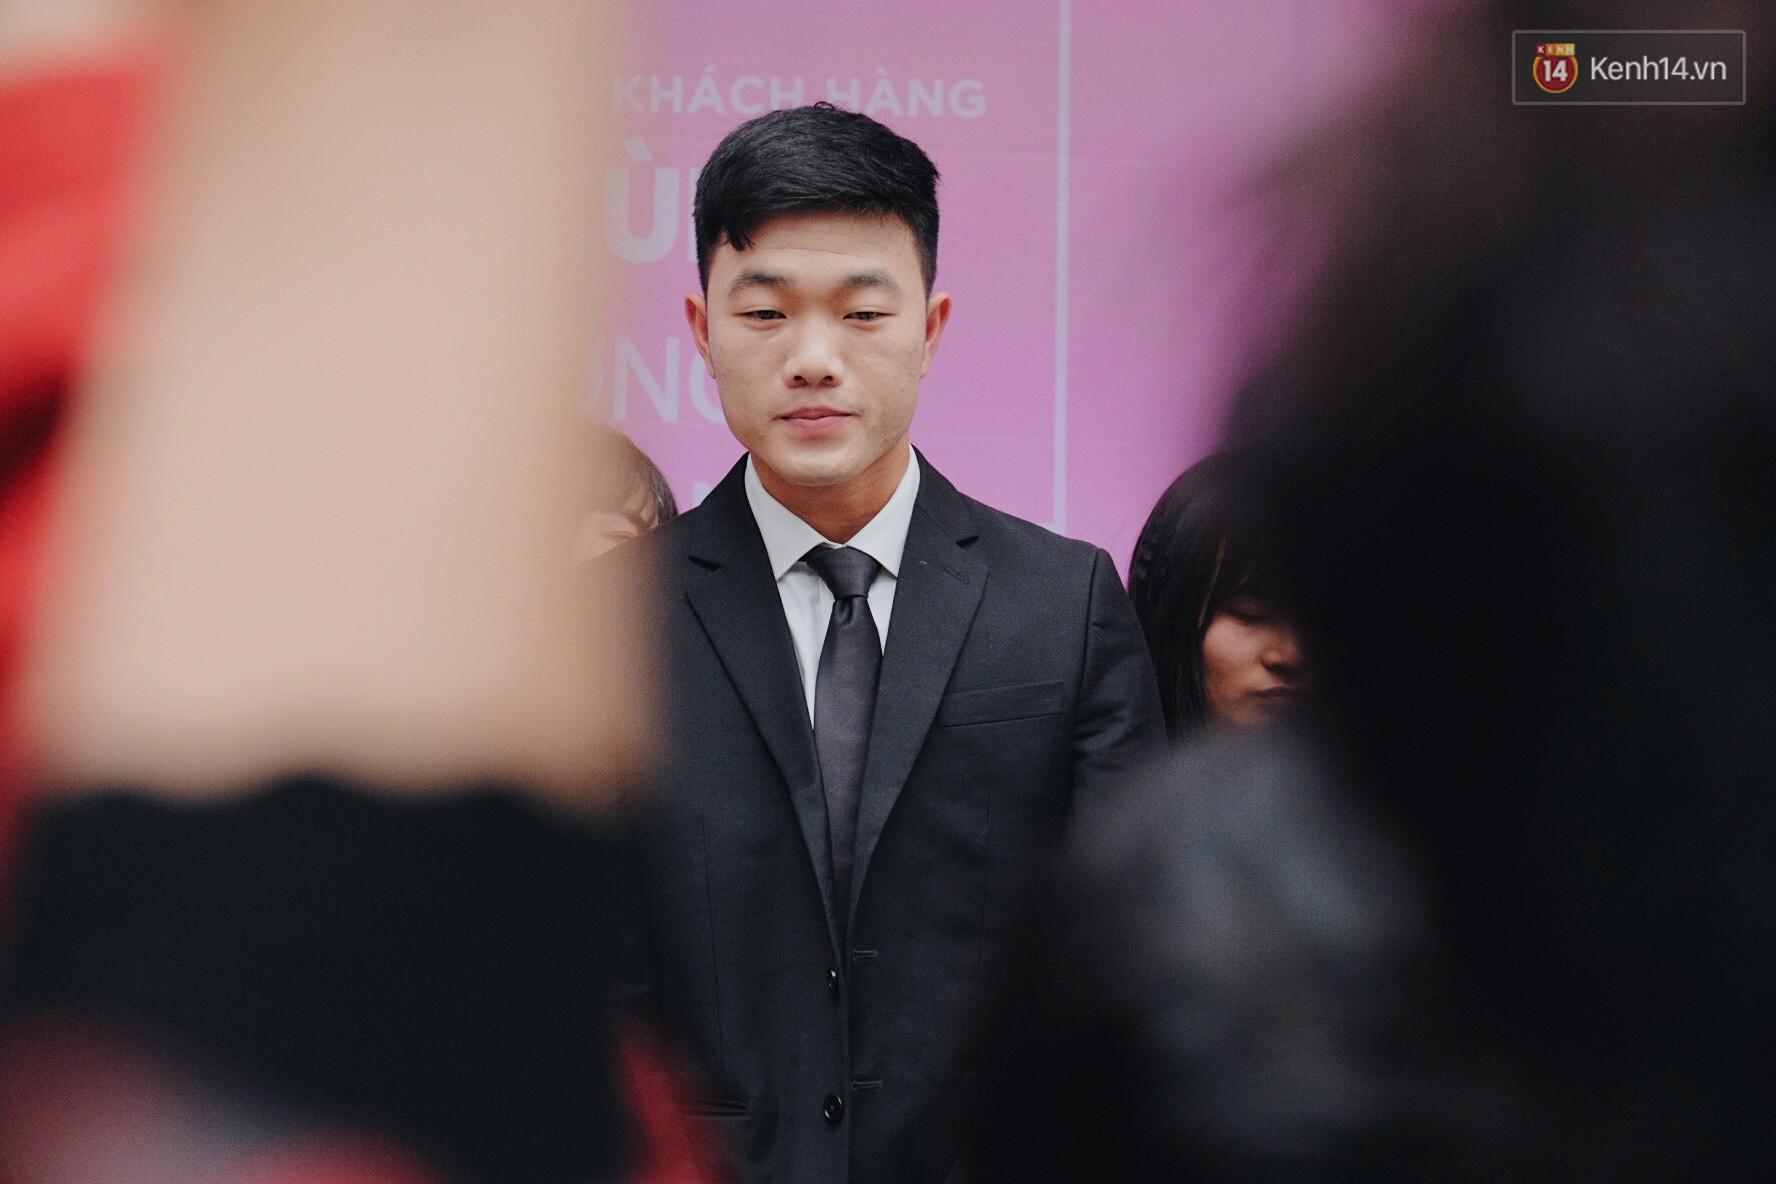 Xuân Trường đẹp trai như idol Hàn, bị fan vây kín khi tham gia sự kiện - Ảnh 3.